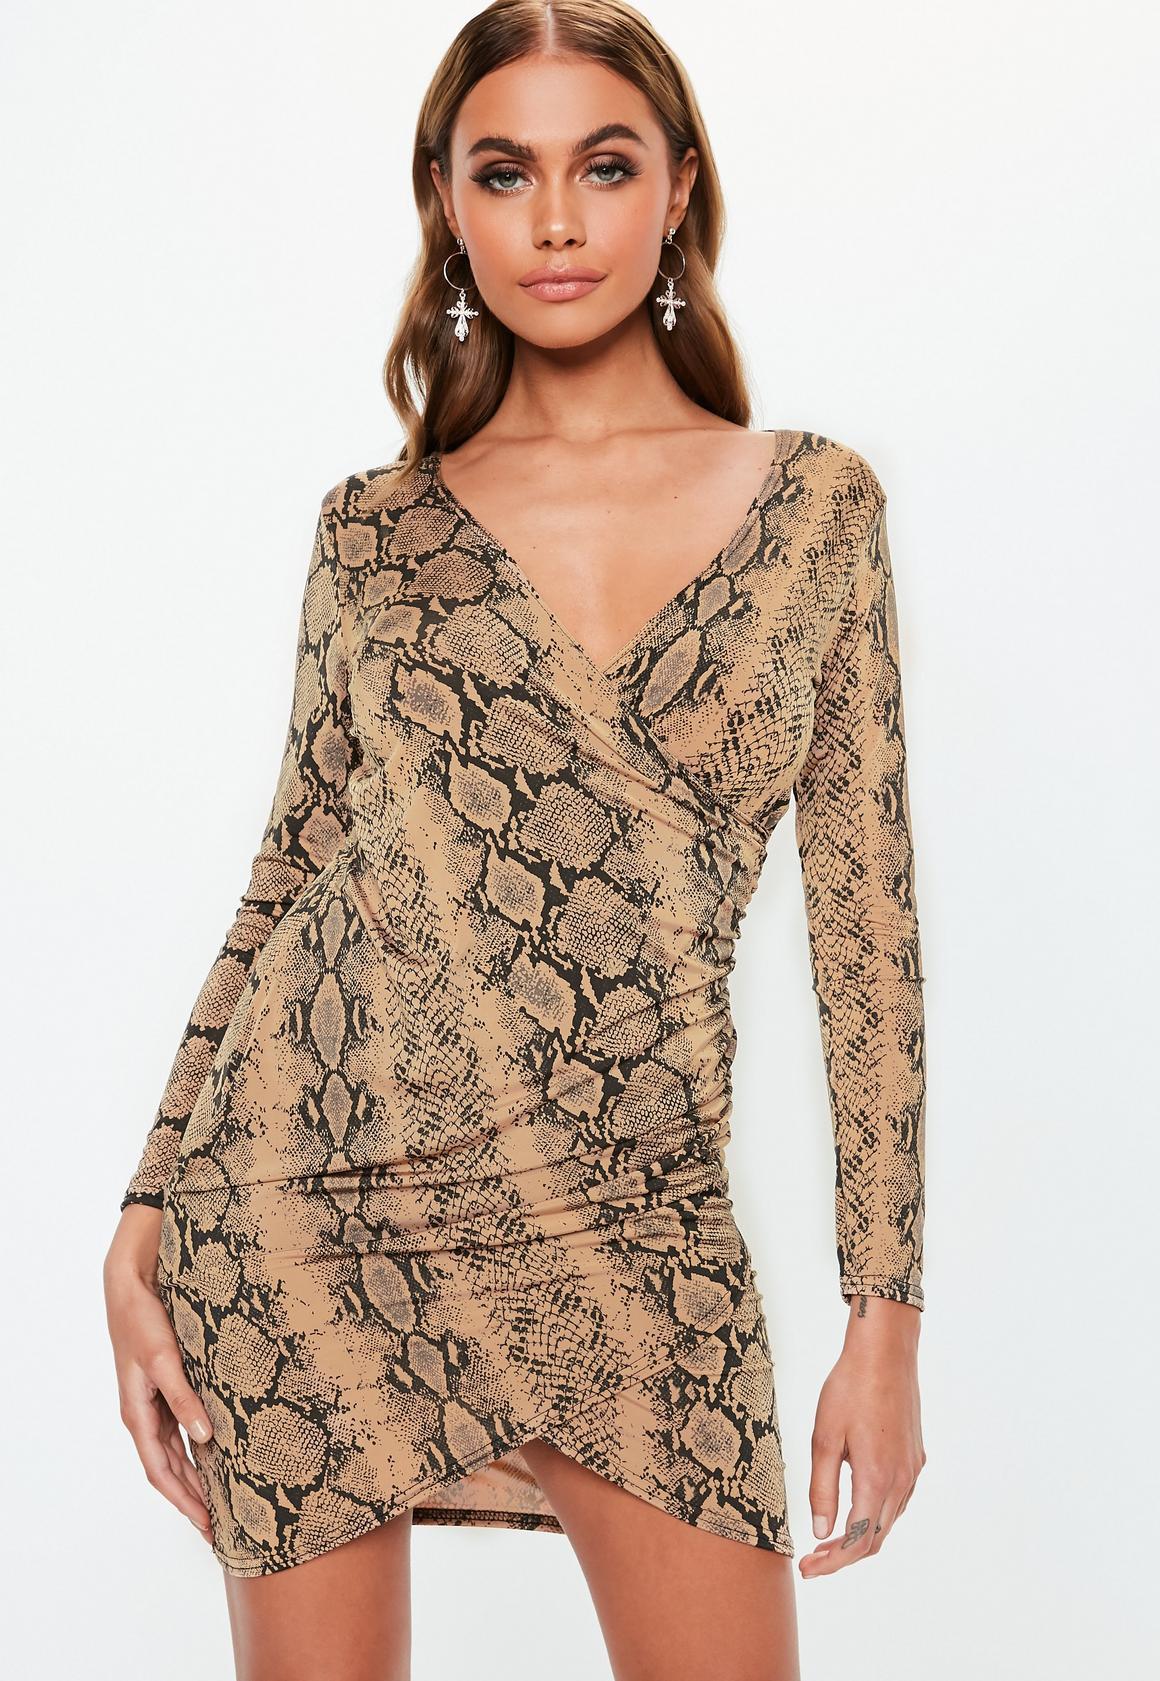 Missguided - robe asymétrique courte camel à imprimé serpent - 1